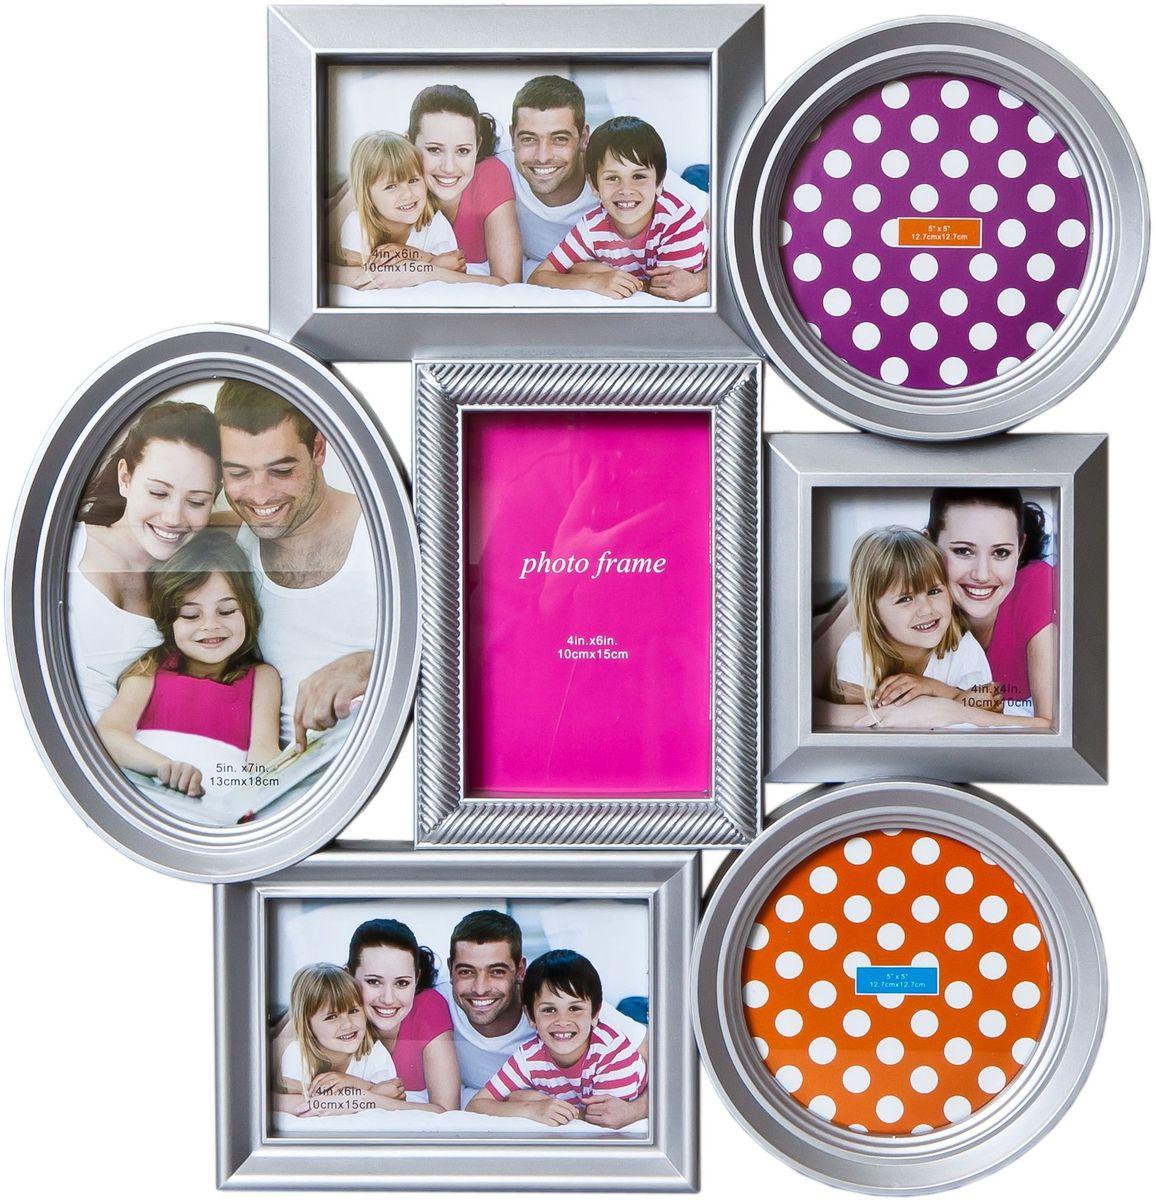 Коллаж Platinum, цвет: серебристый, 7 фоторамок. BH-1307Platinum JW98-1 ВЕНЕЦИЯ-ЗОЛОТОЙ 21x30Пластиковый коллаж с фото следующих размеров: 13х18 см, 3 фото 10х15 см,2 фото 12.7х12.7 см,10х10 см.